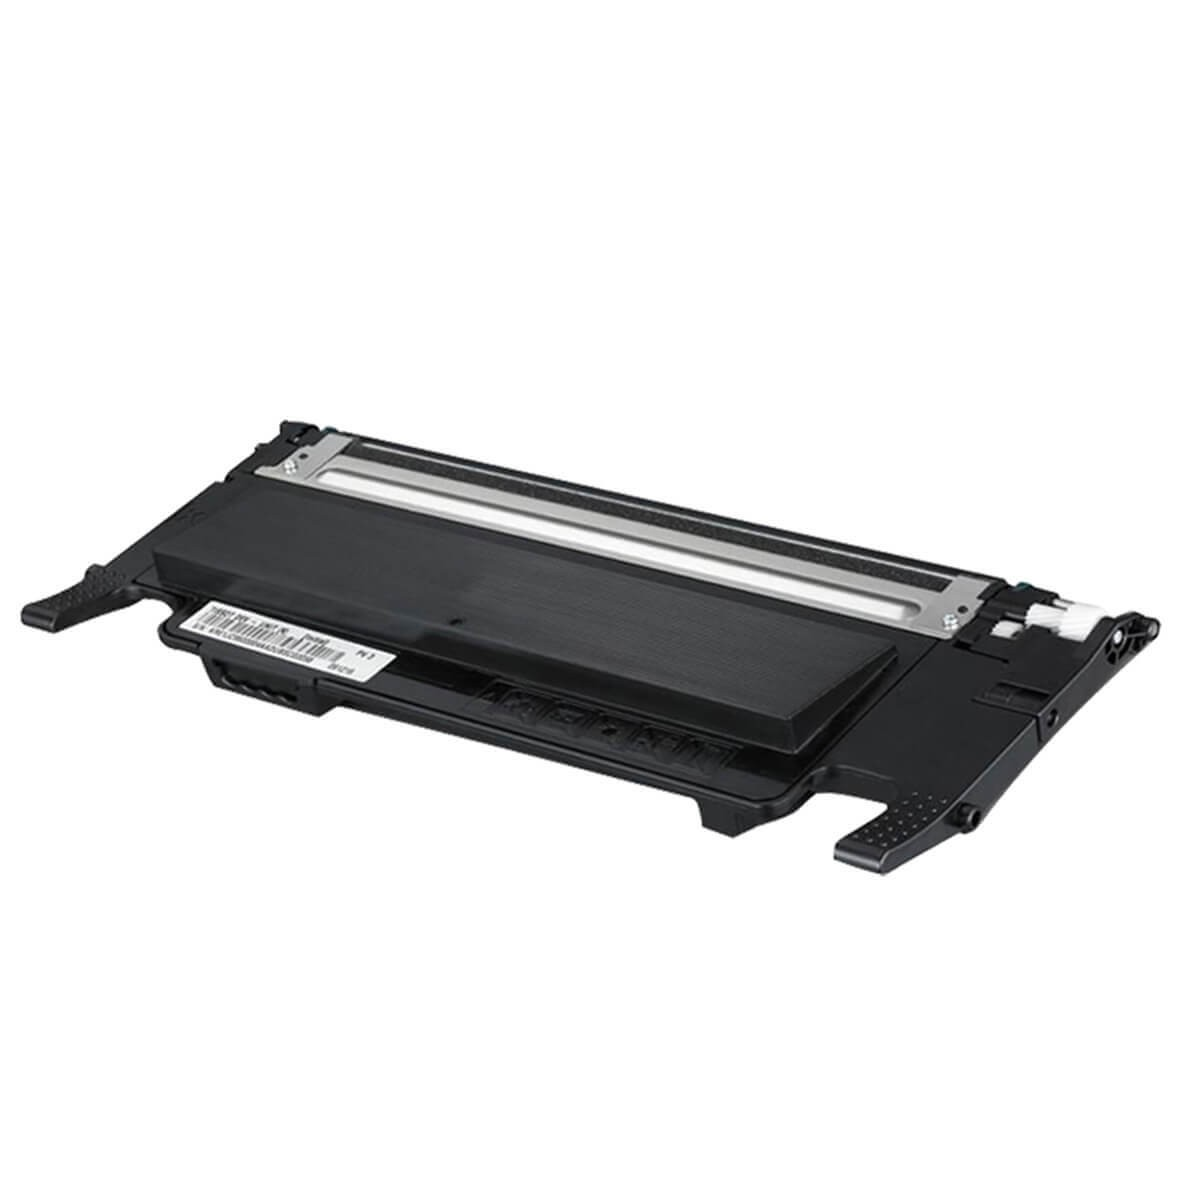 Cartucho de Toner Compatível Samsung Clt 409 Preto